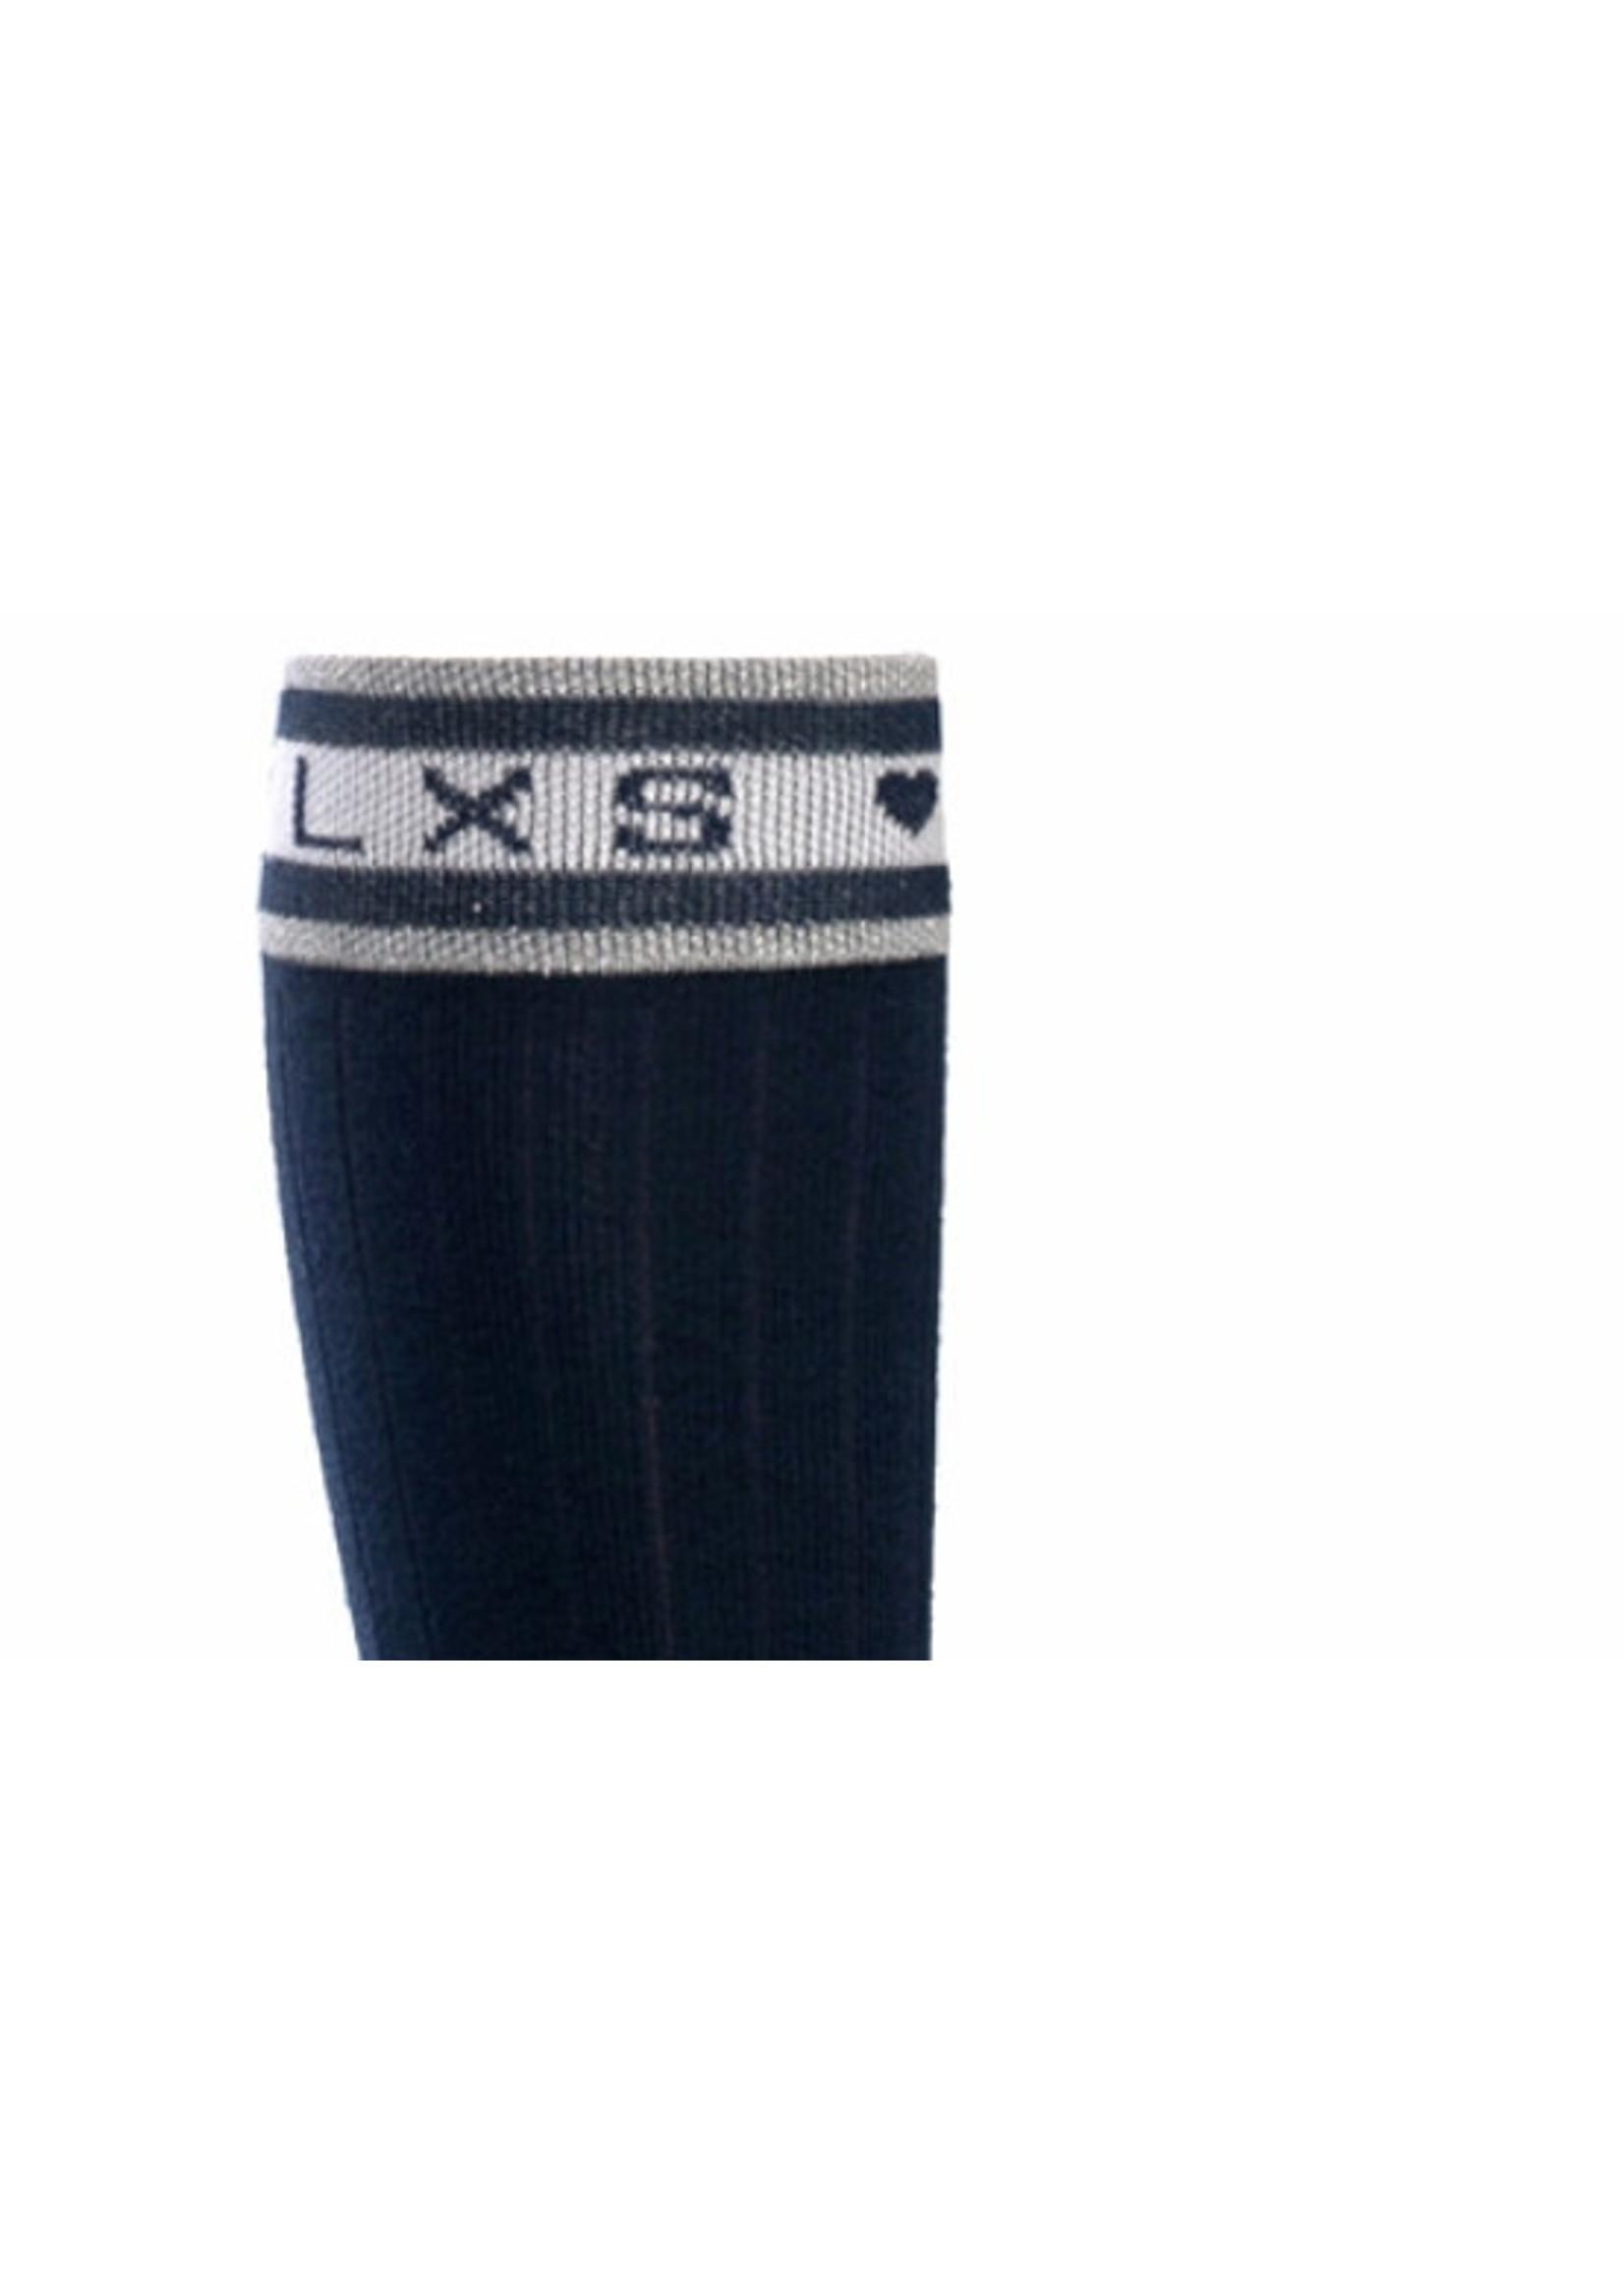 Looxs kousen maat 31/34 t/m 39/42